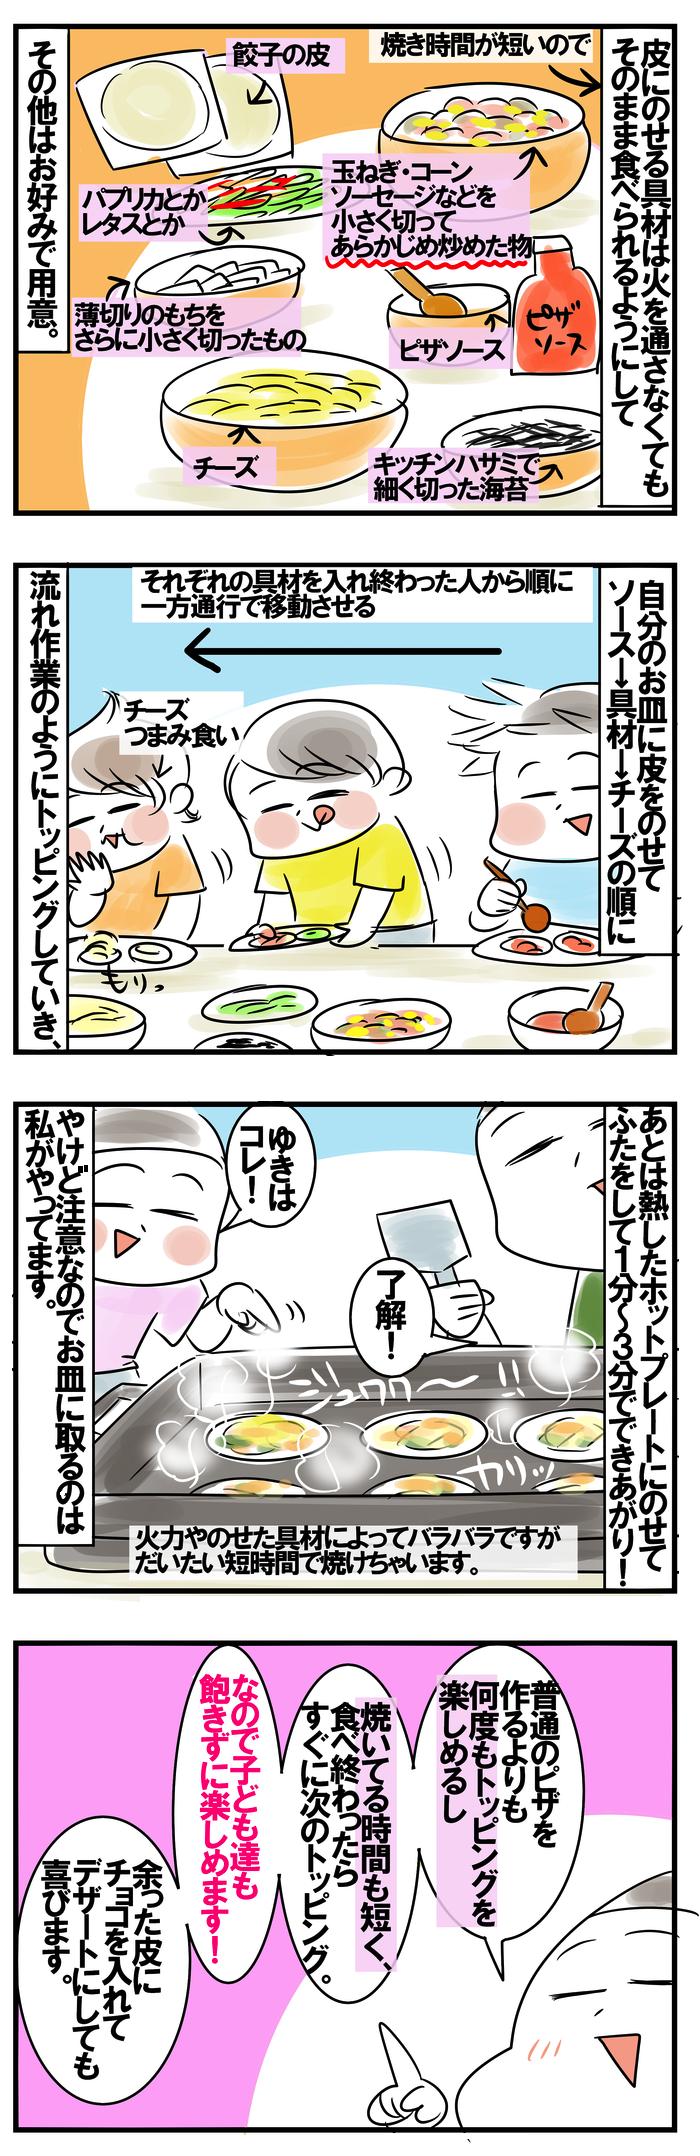 ごちゃごちゃするカオスな休日。子どもも楽しめる簡単料理はコレだっ!!の画像2